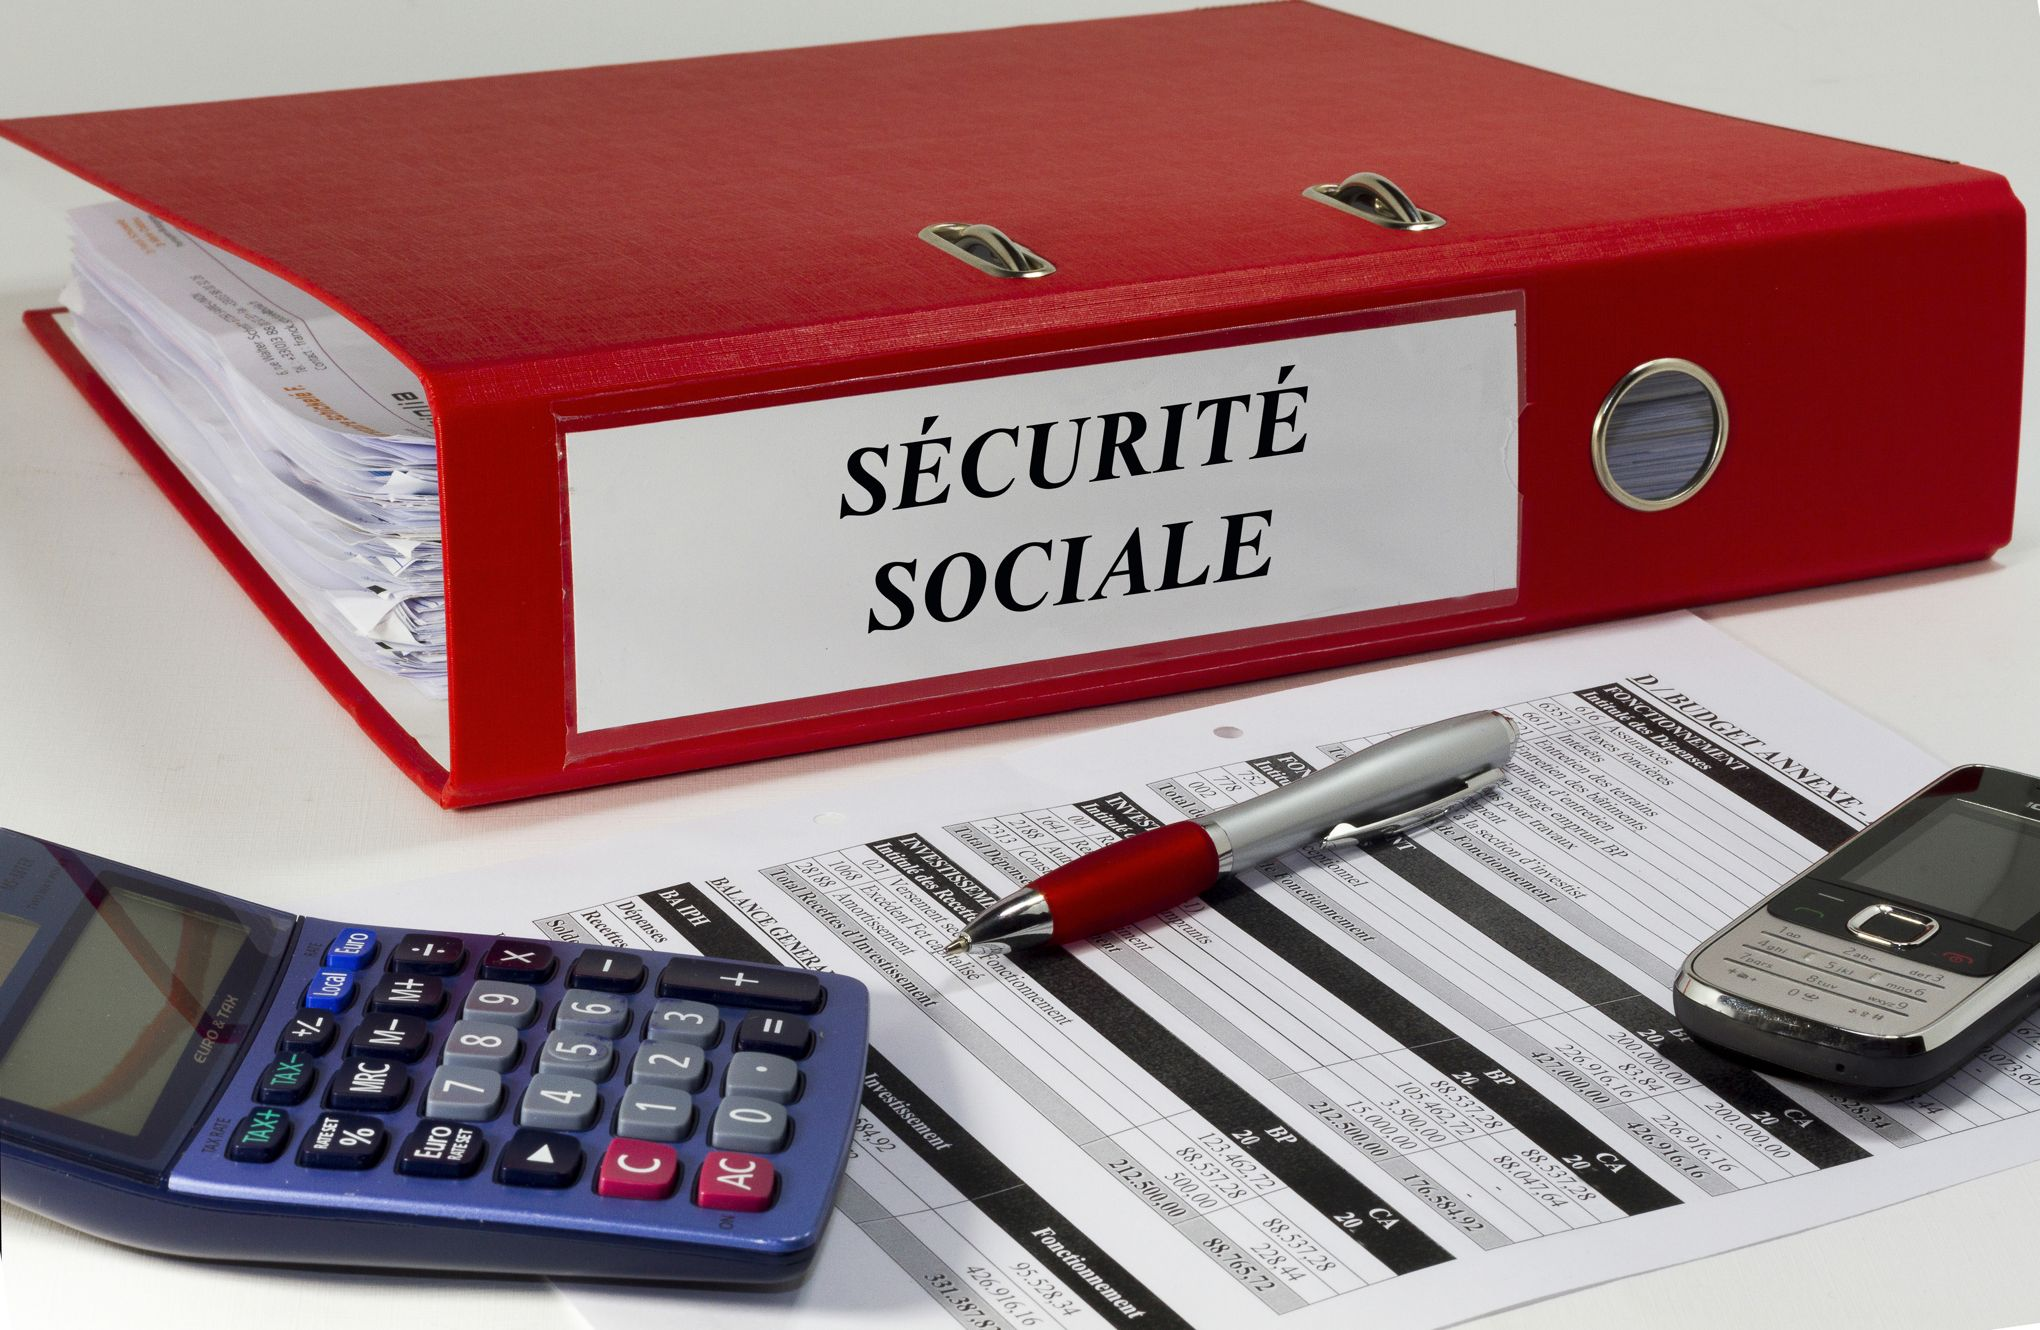 Le plafond de la sécurité sociale pourrait grimper à 40 526 € en 2019